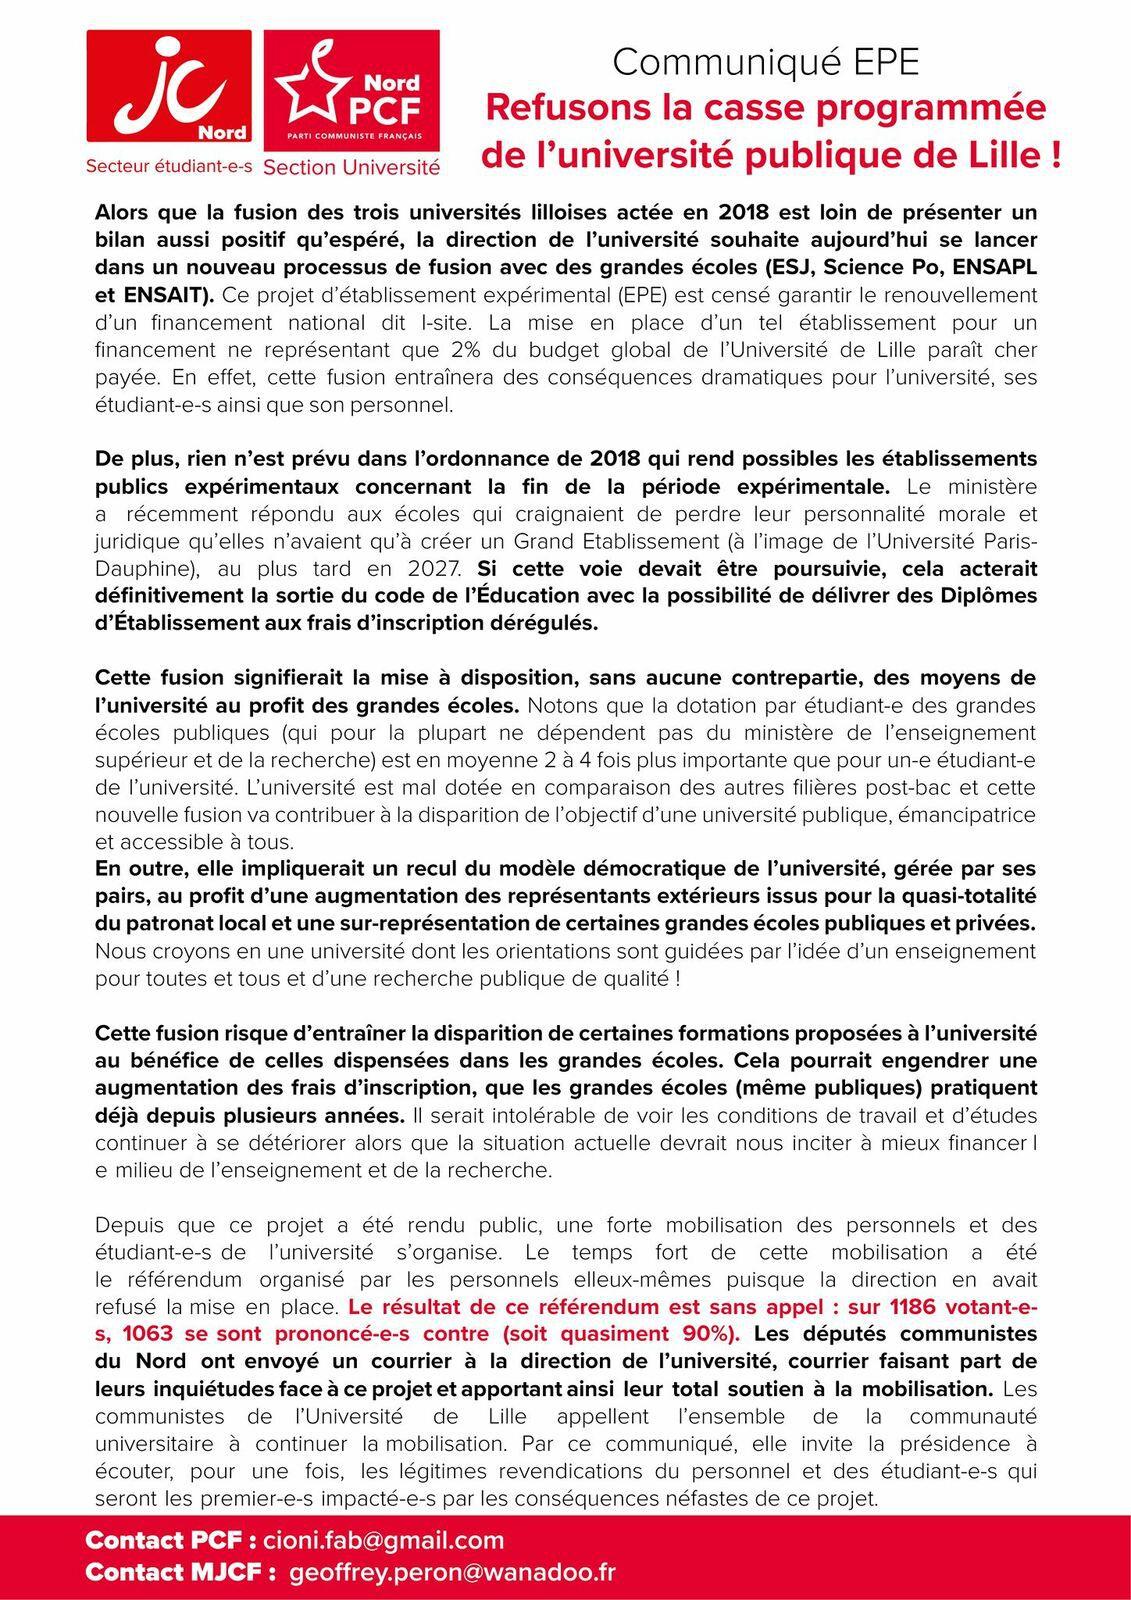 EPE : refusons la casse programmée de l'Université publique de Lille !